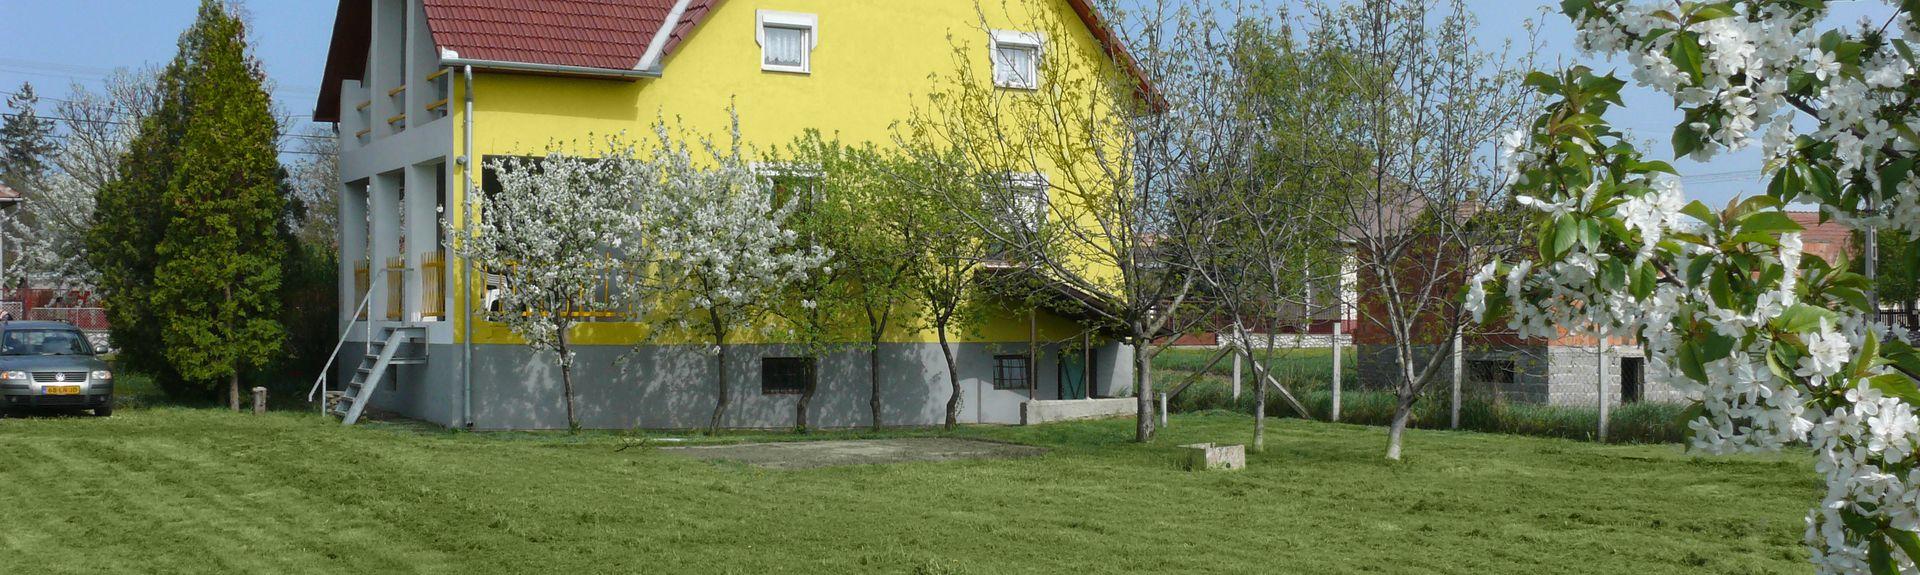 Tiszafured, Jász-Nagykun-Szolnok, Hungria